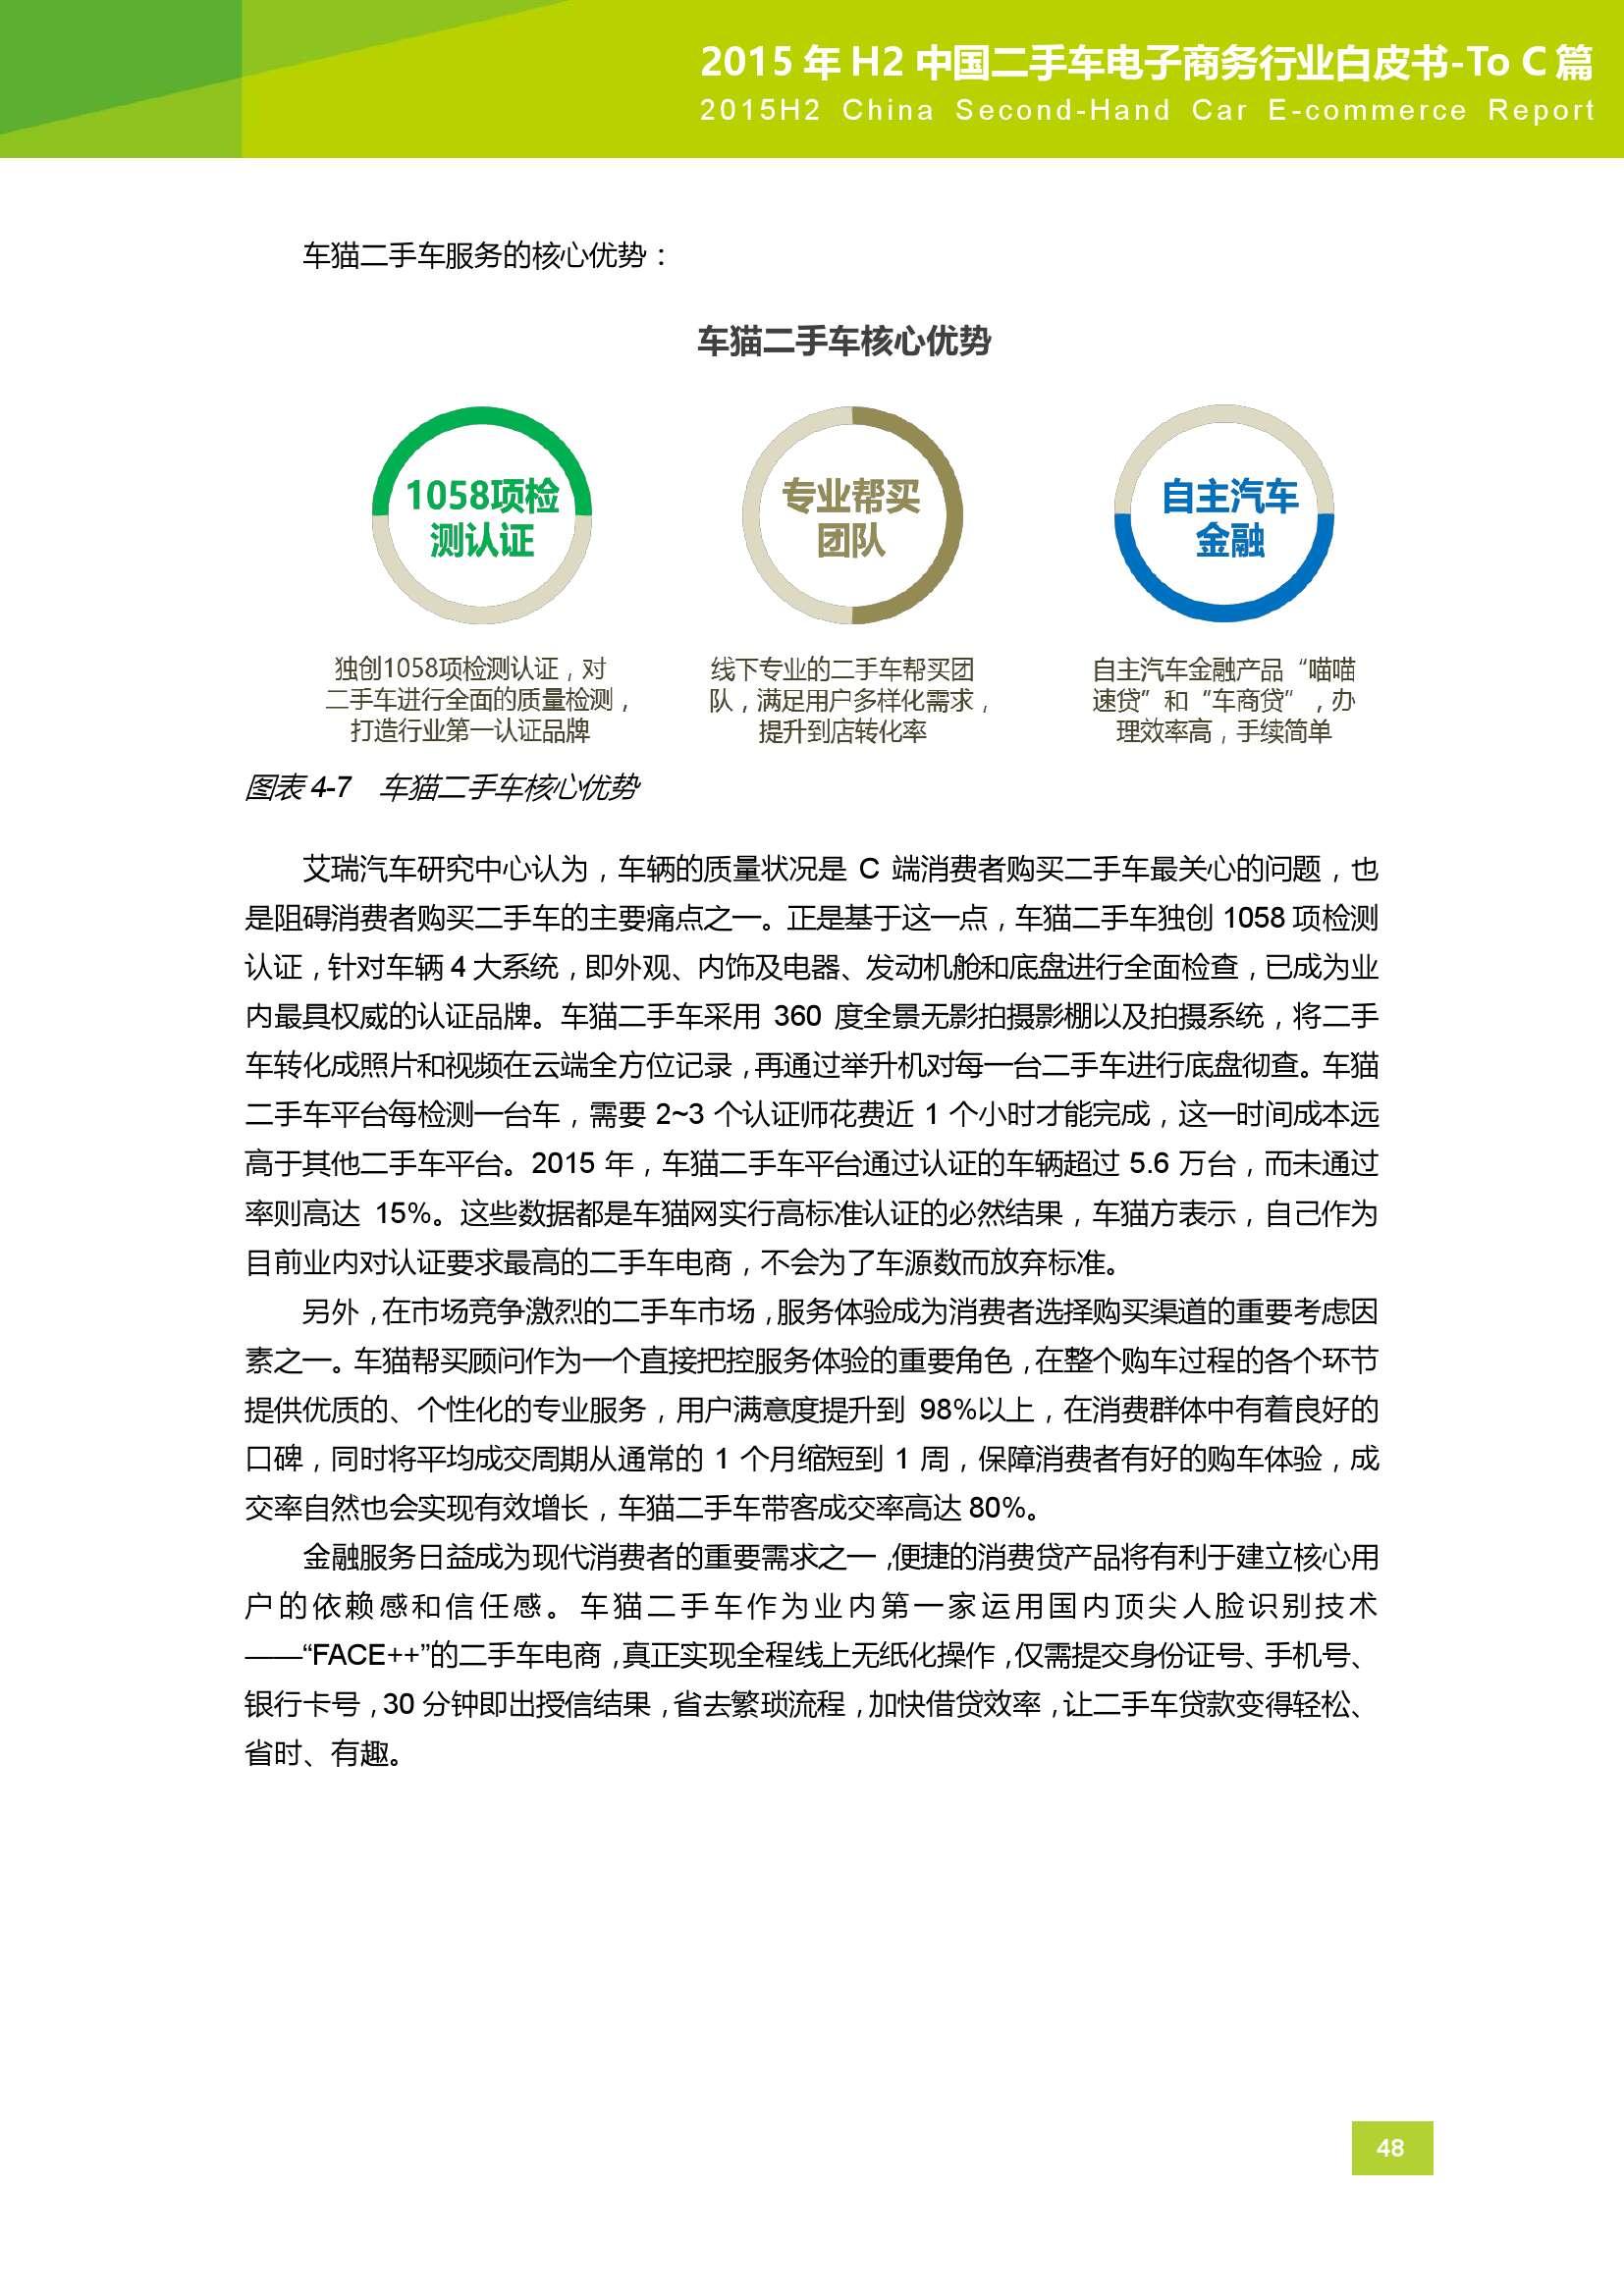 2015年H2中国二手车电子商务行业白皮书_000048